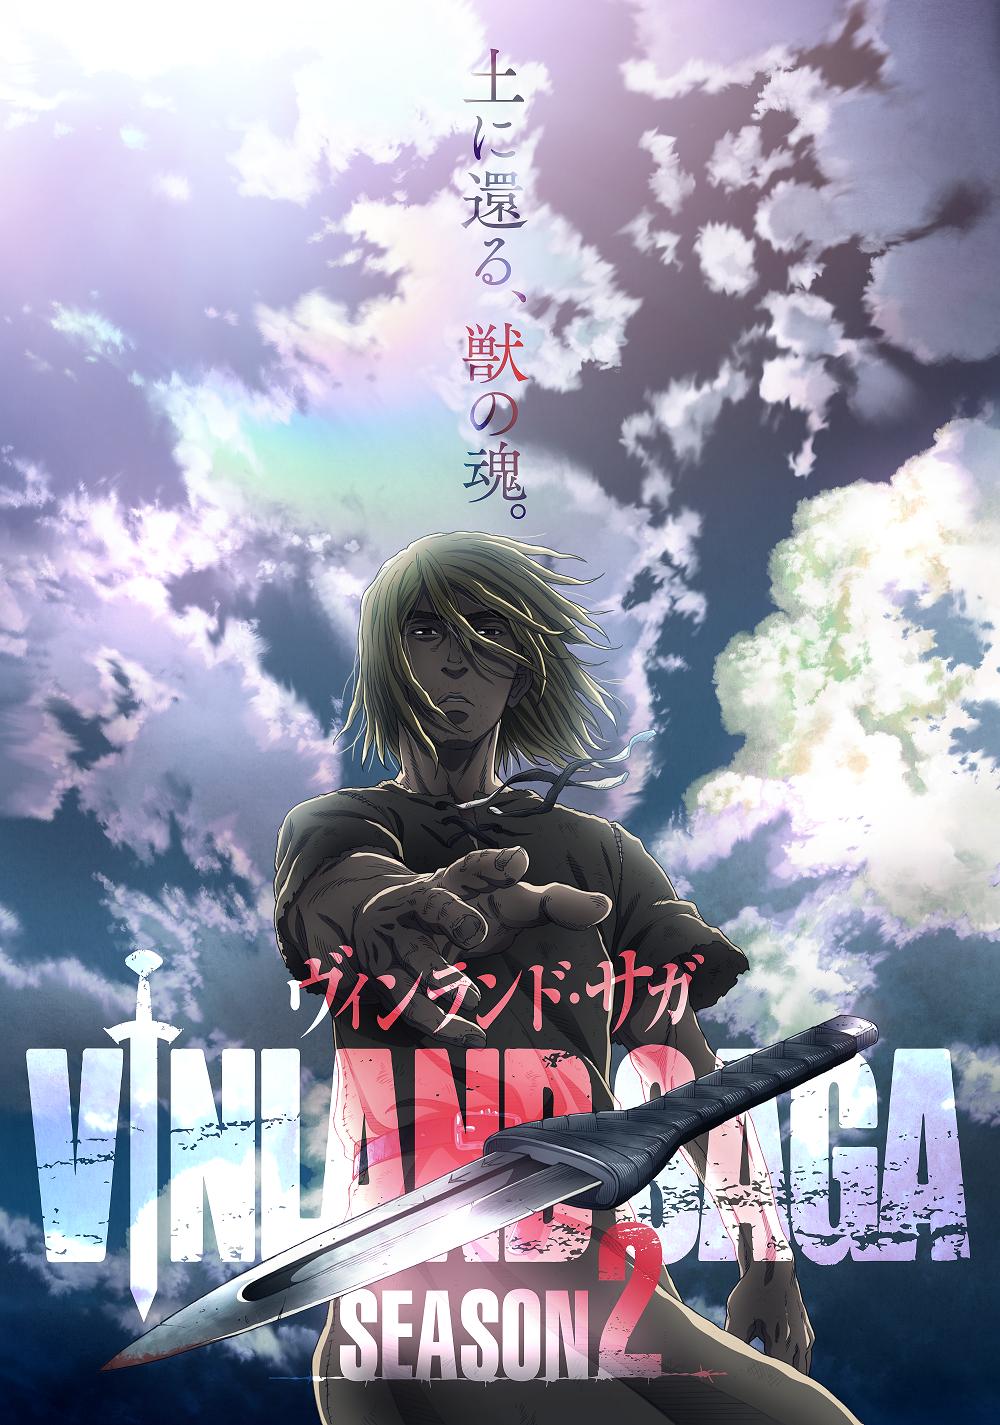 アニメ「ヴィンランド・サガ」第2期制作決定!原作者・幸村誠先生らのイラストコメントも